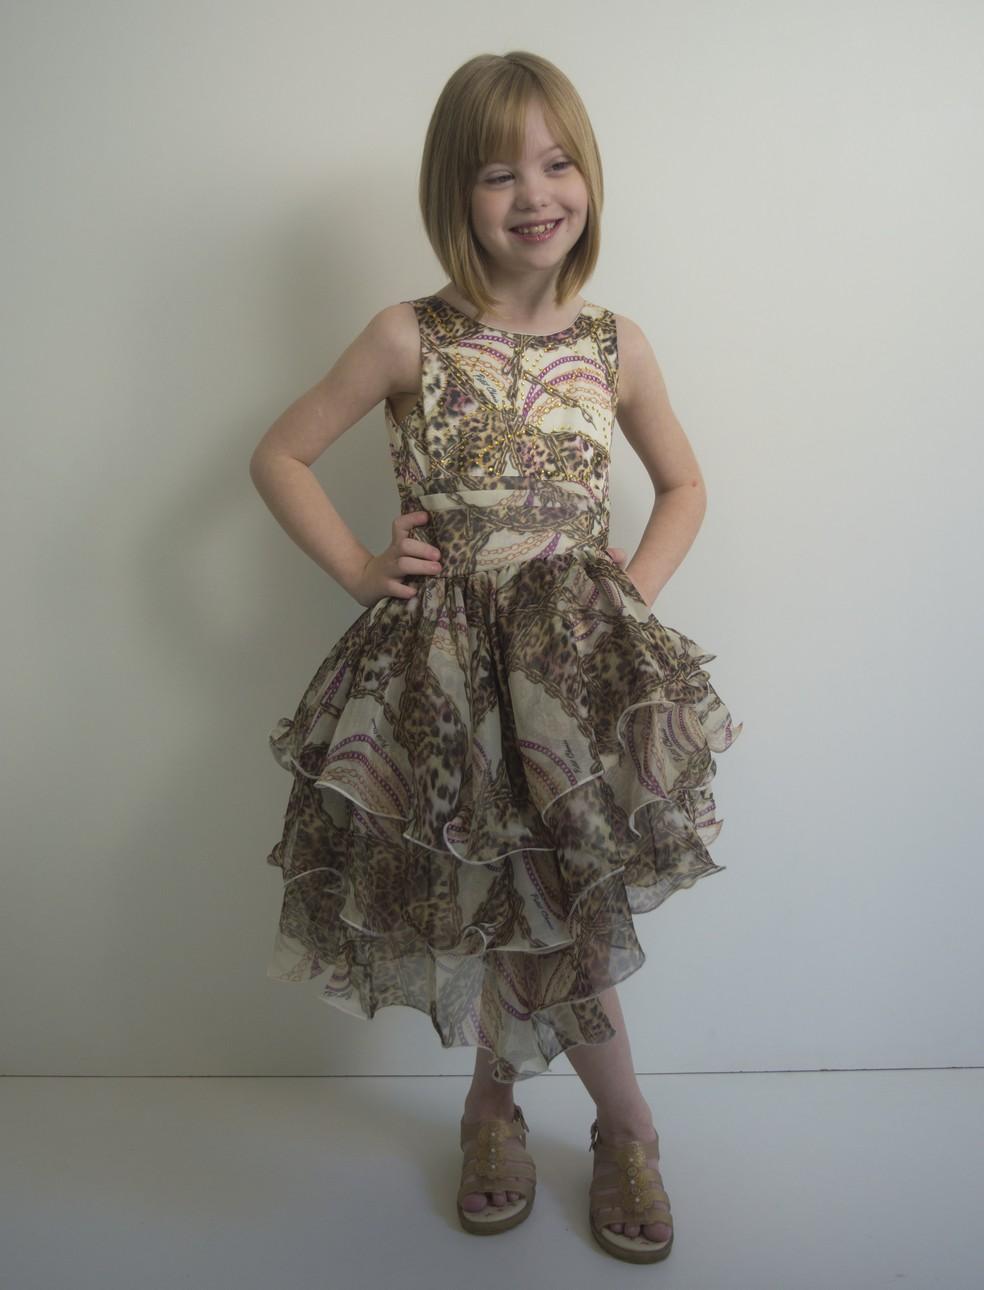 Vitória tem sete anos e diz se sentir uma princesa quando fotografa (Foto: Bárbara Oliveira/Gallvão Model/Divulgação)